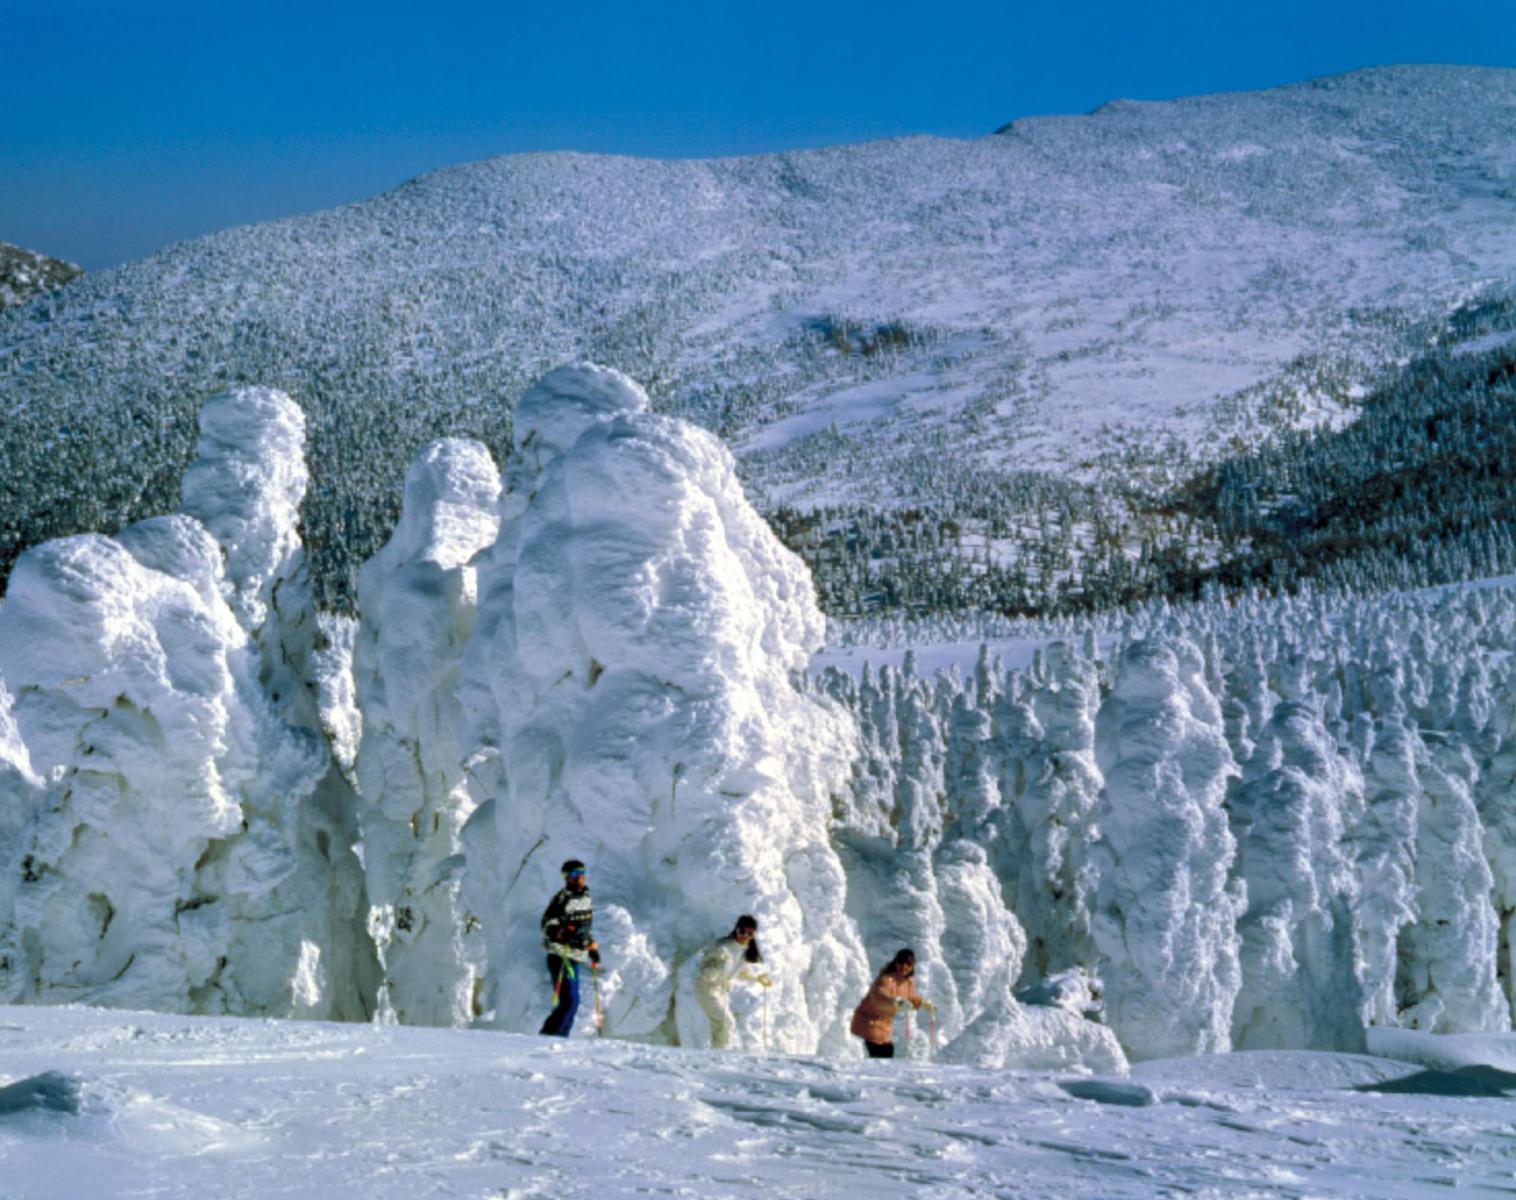 Japon  Des neiges de Kyoto aux glaces d'Hokkaïdo   Balade nature Rencontres et cultures du Monde